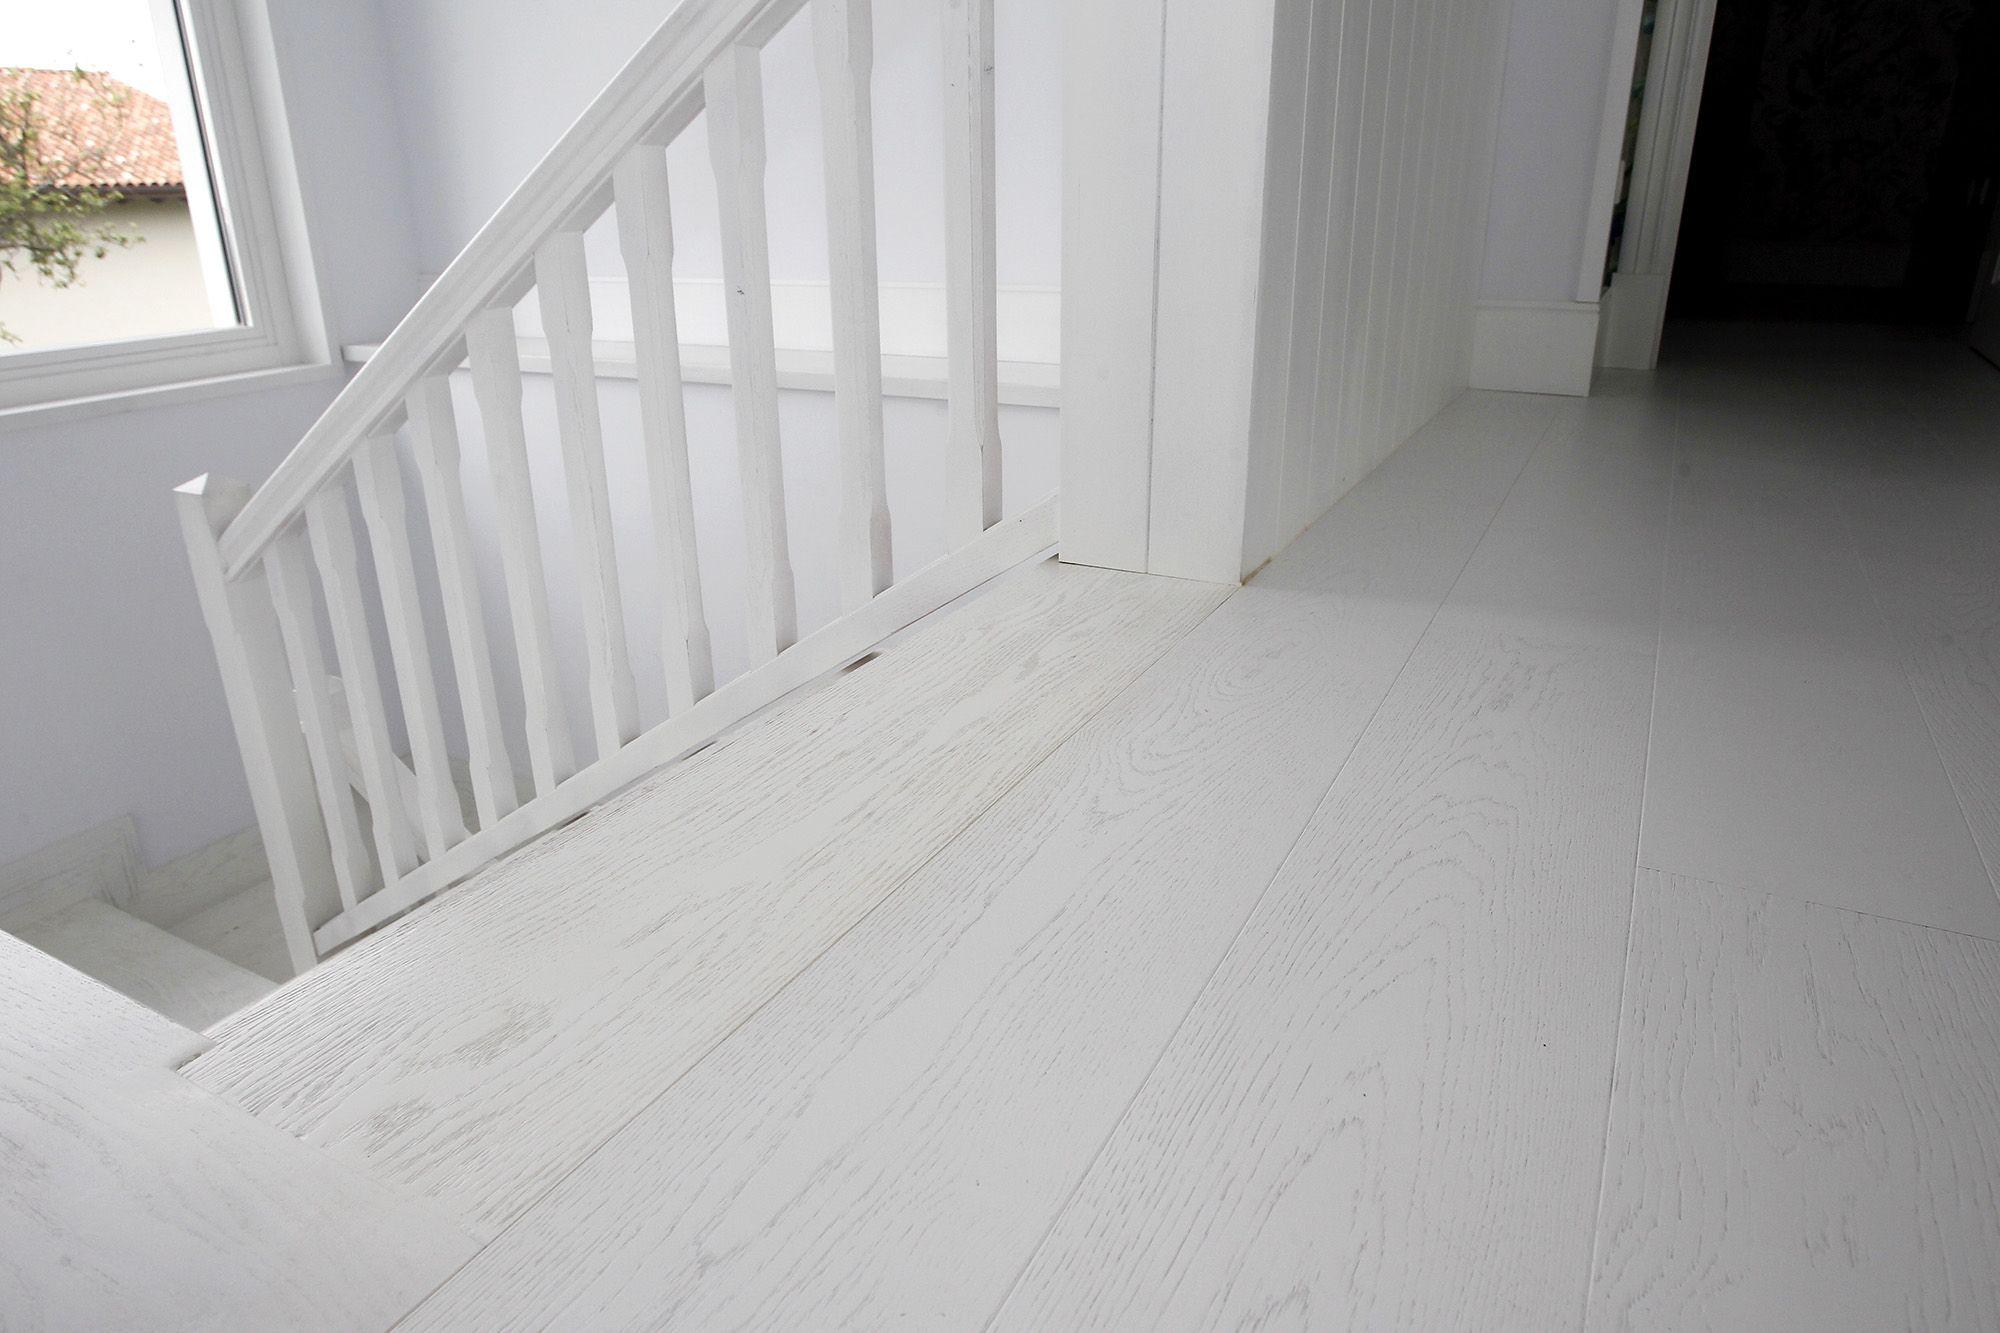 suelo y escaleras en madeta lacada en blanco